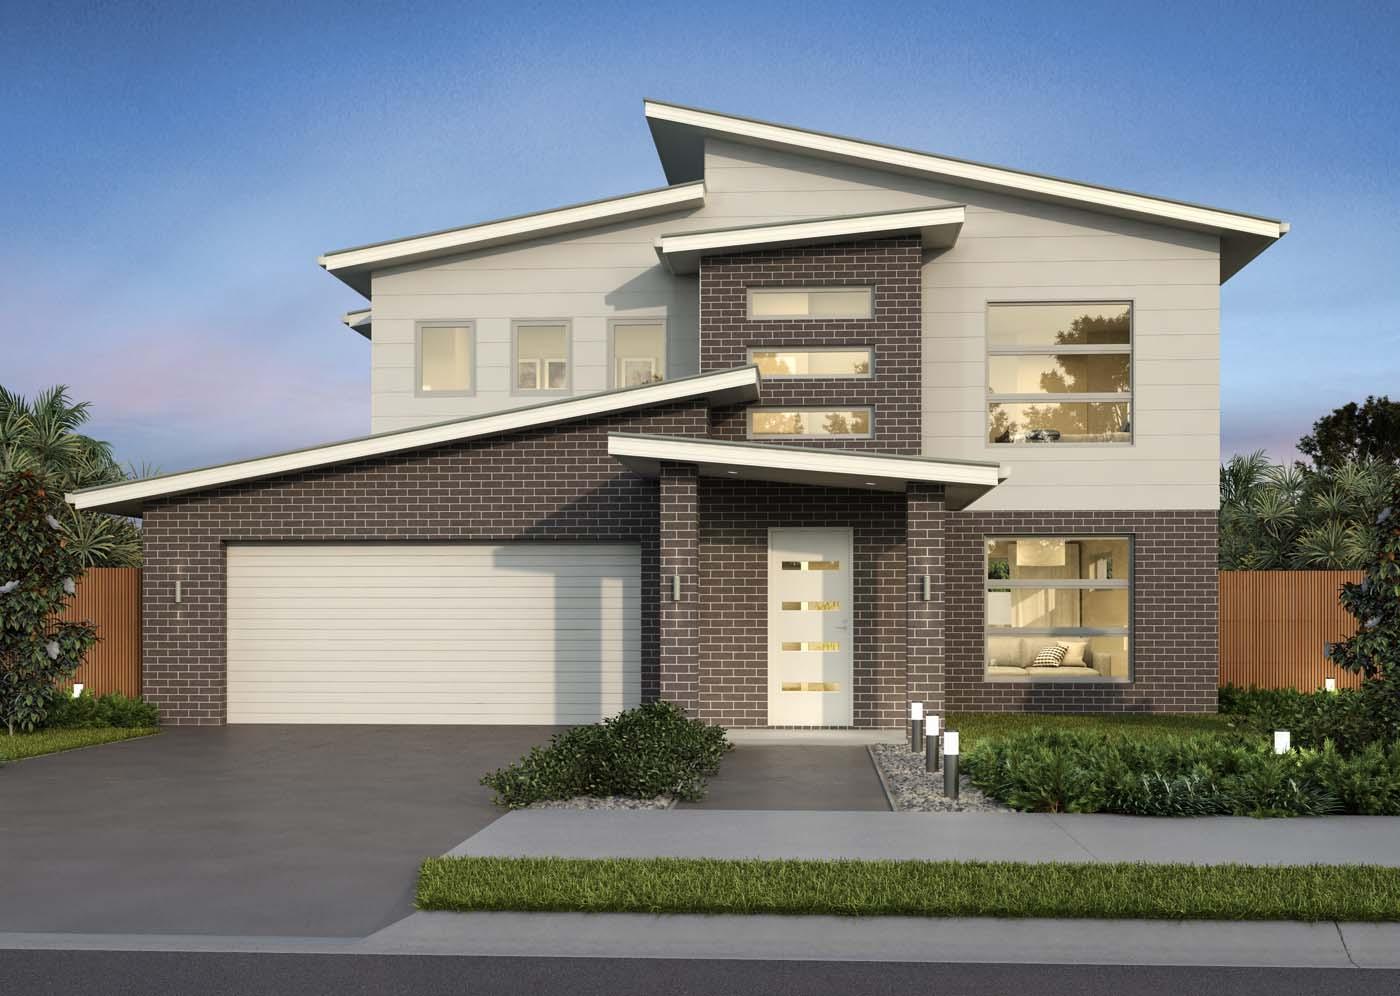 Double Storey Home Design 4 Bedroom Floor Plan Macquarie